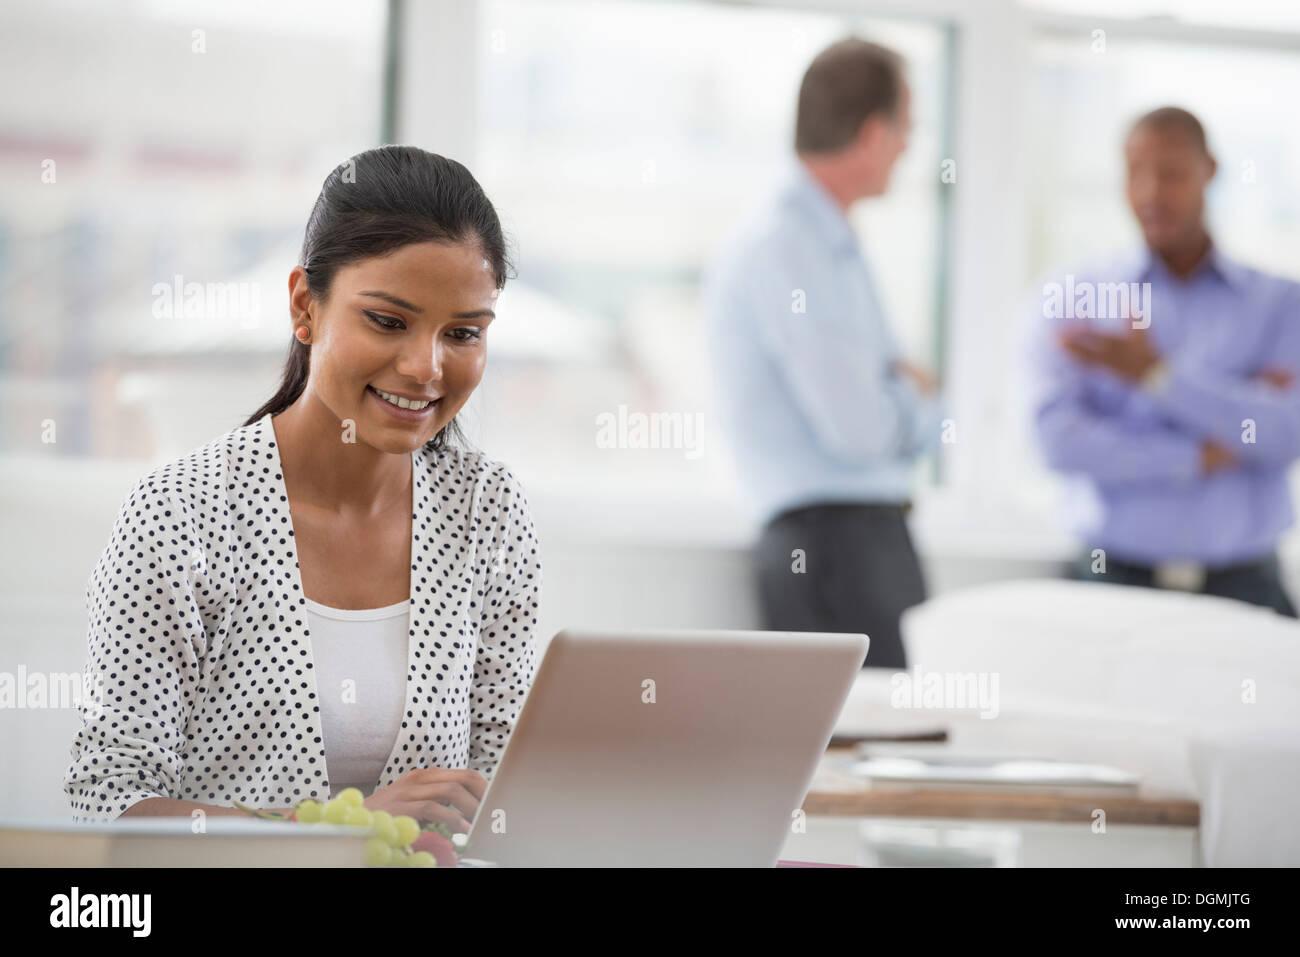 Vida de oficina. Una mujer sentada a una mesa con un ordenador portátil. Dos hombres en el fondo. Imagen De Stock